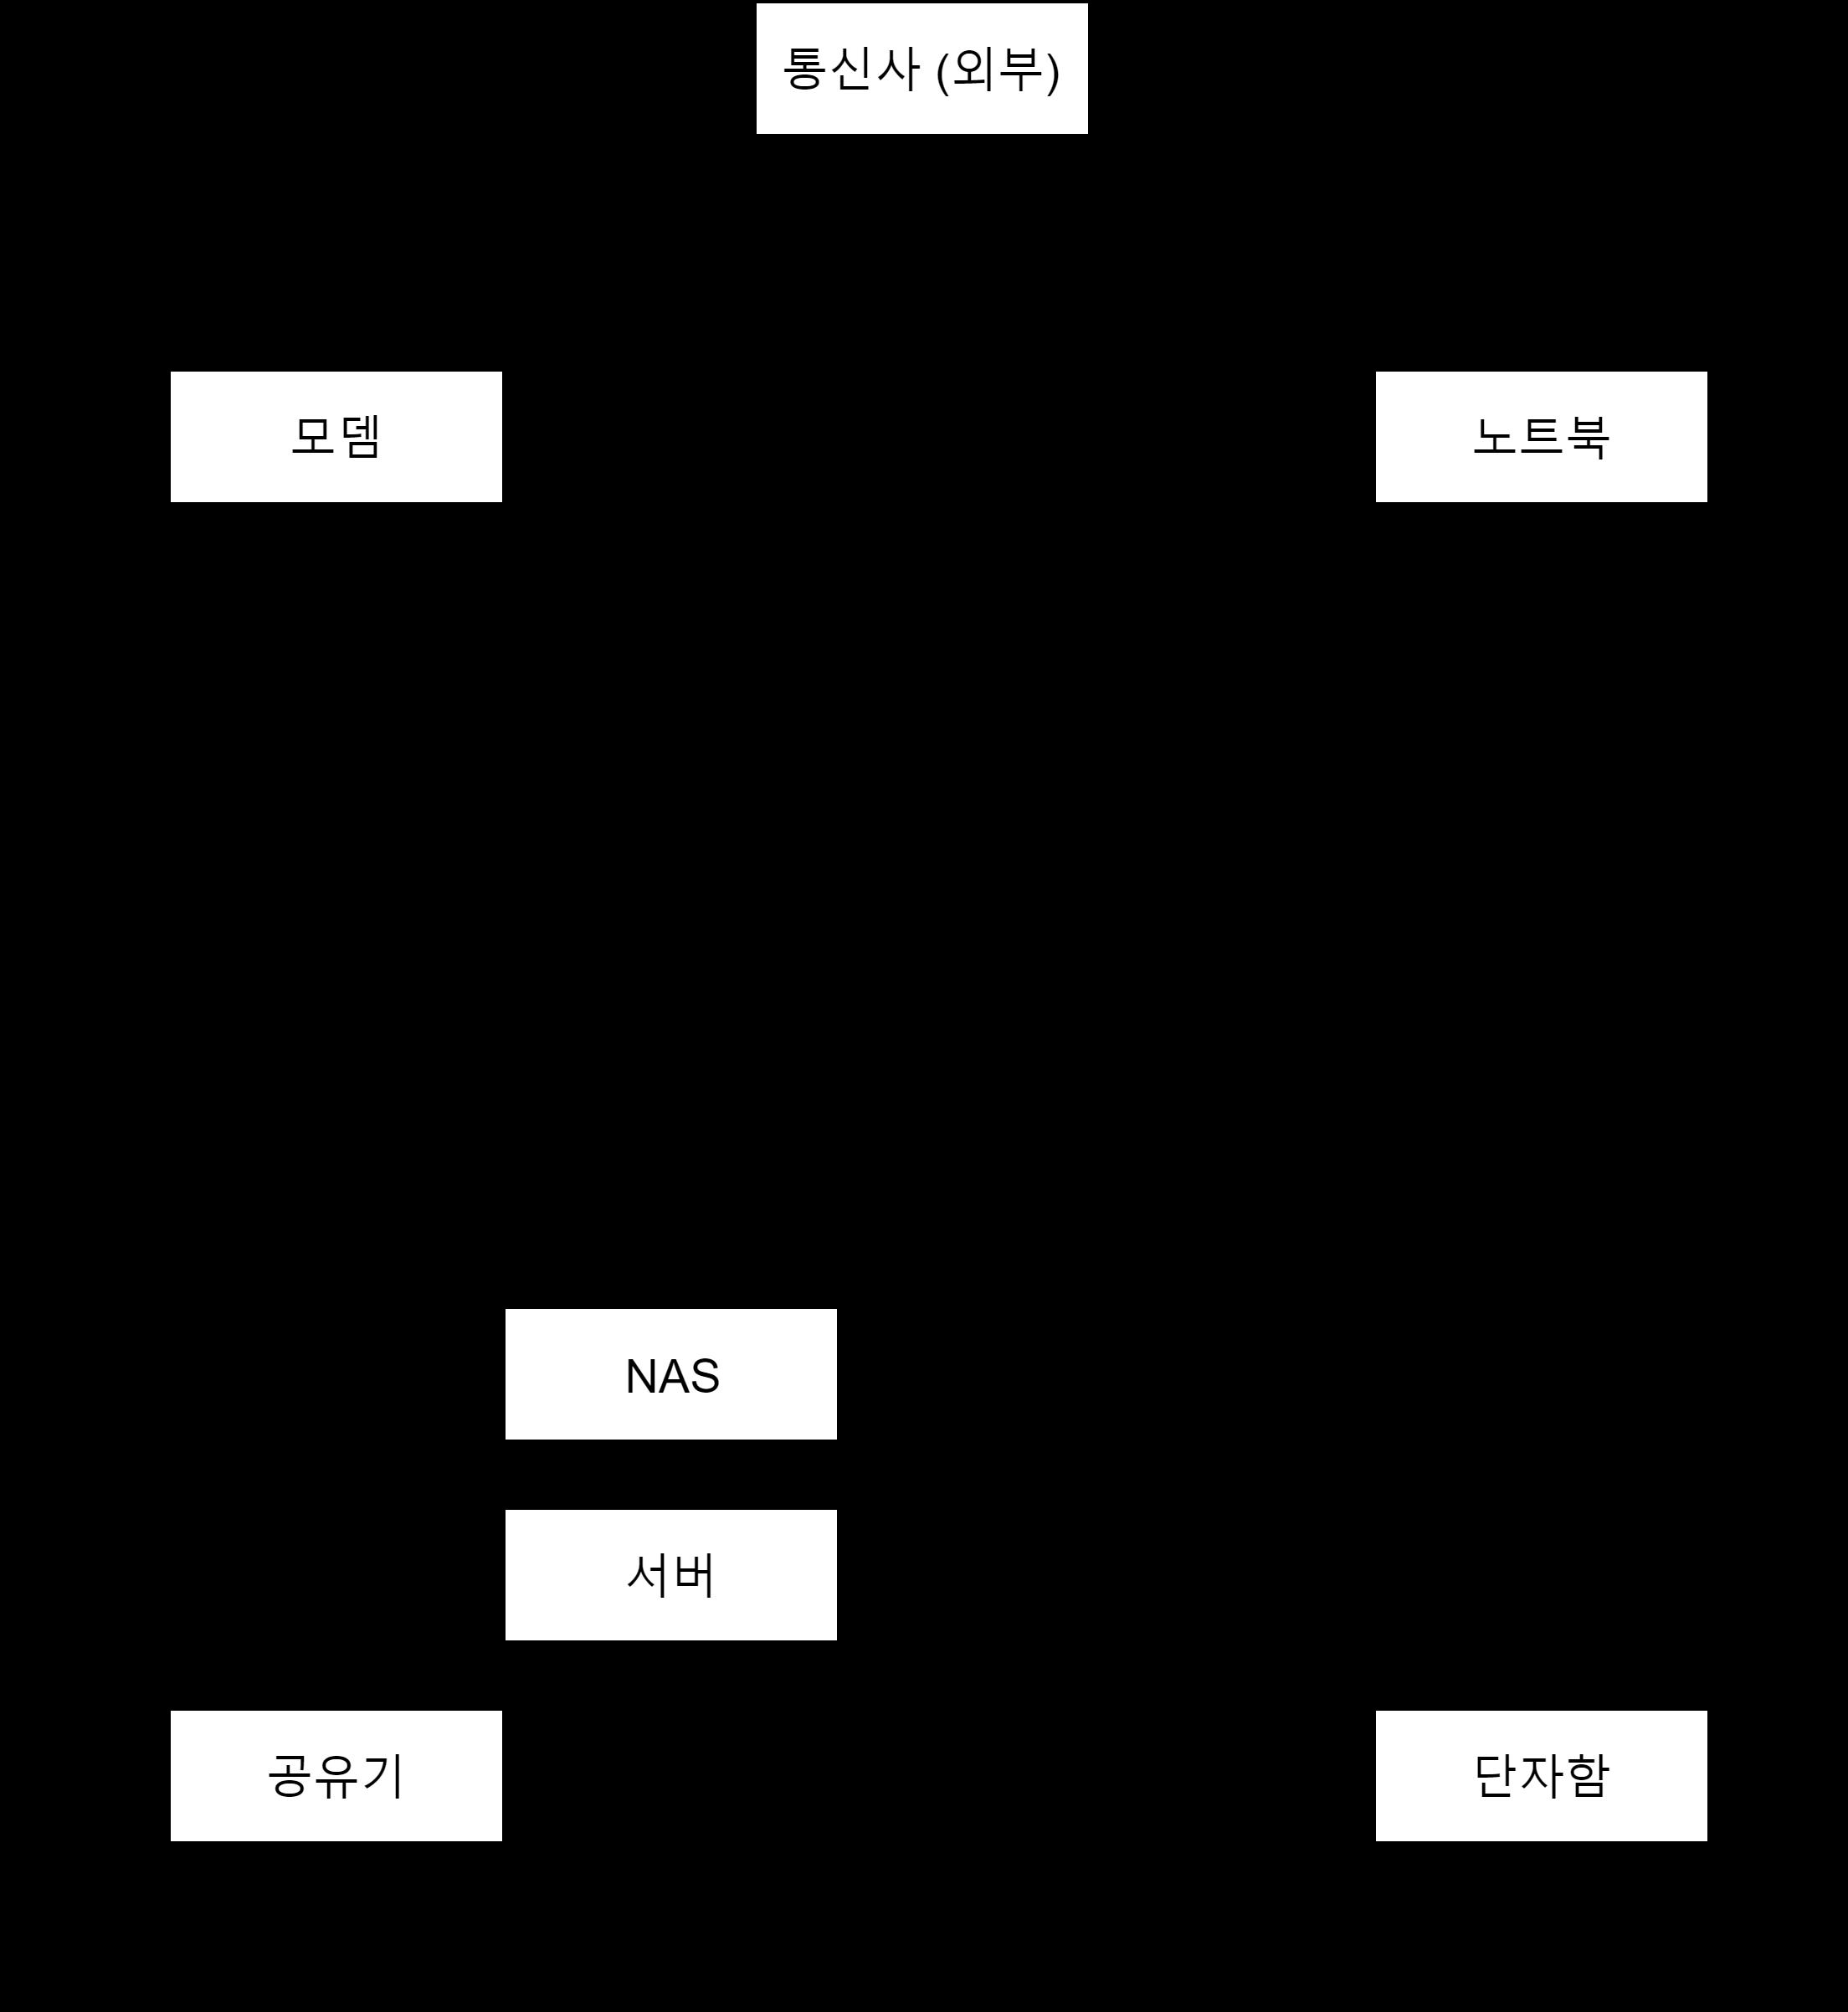 집 안의 네트워크 구조 이해하기 Lamanus Archive